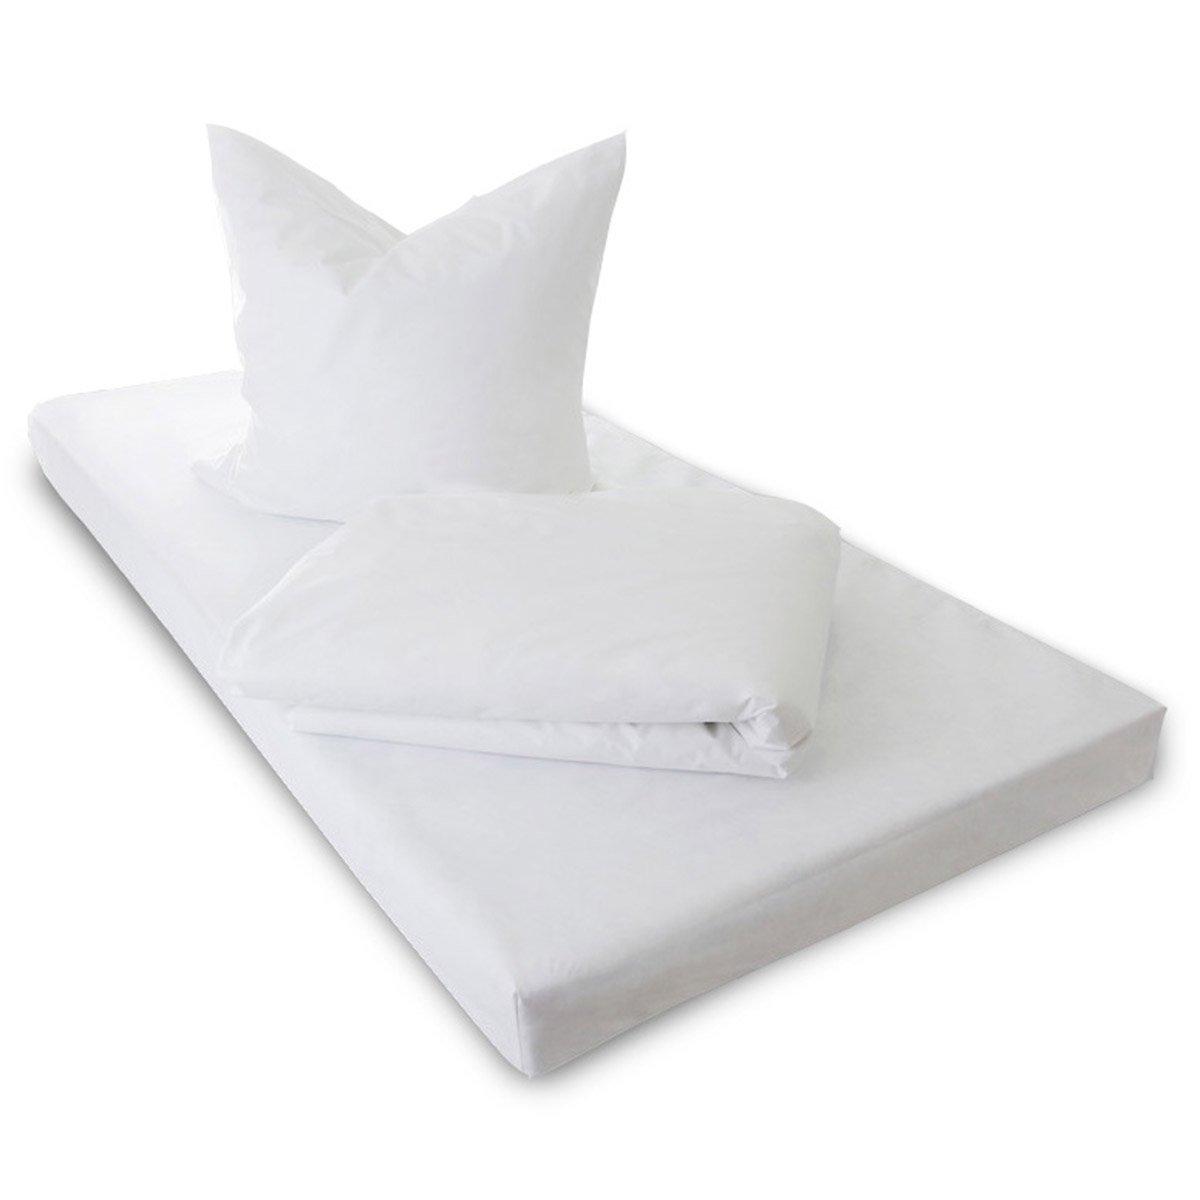 hausstaubmilben entstehung allergie. Black Bedroom Furniture Sets. Home Design Ideas